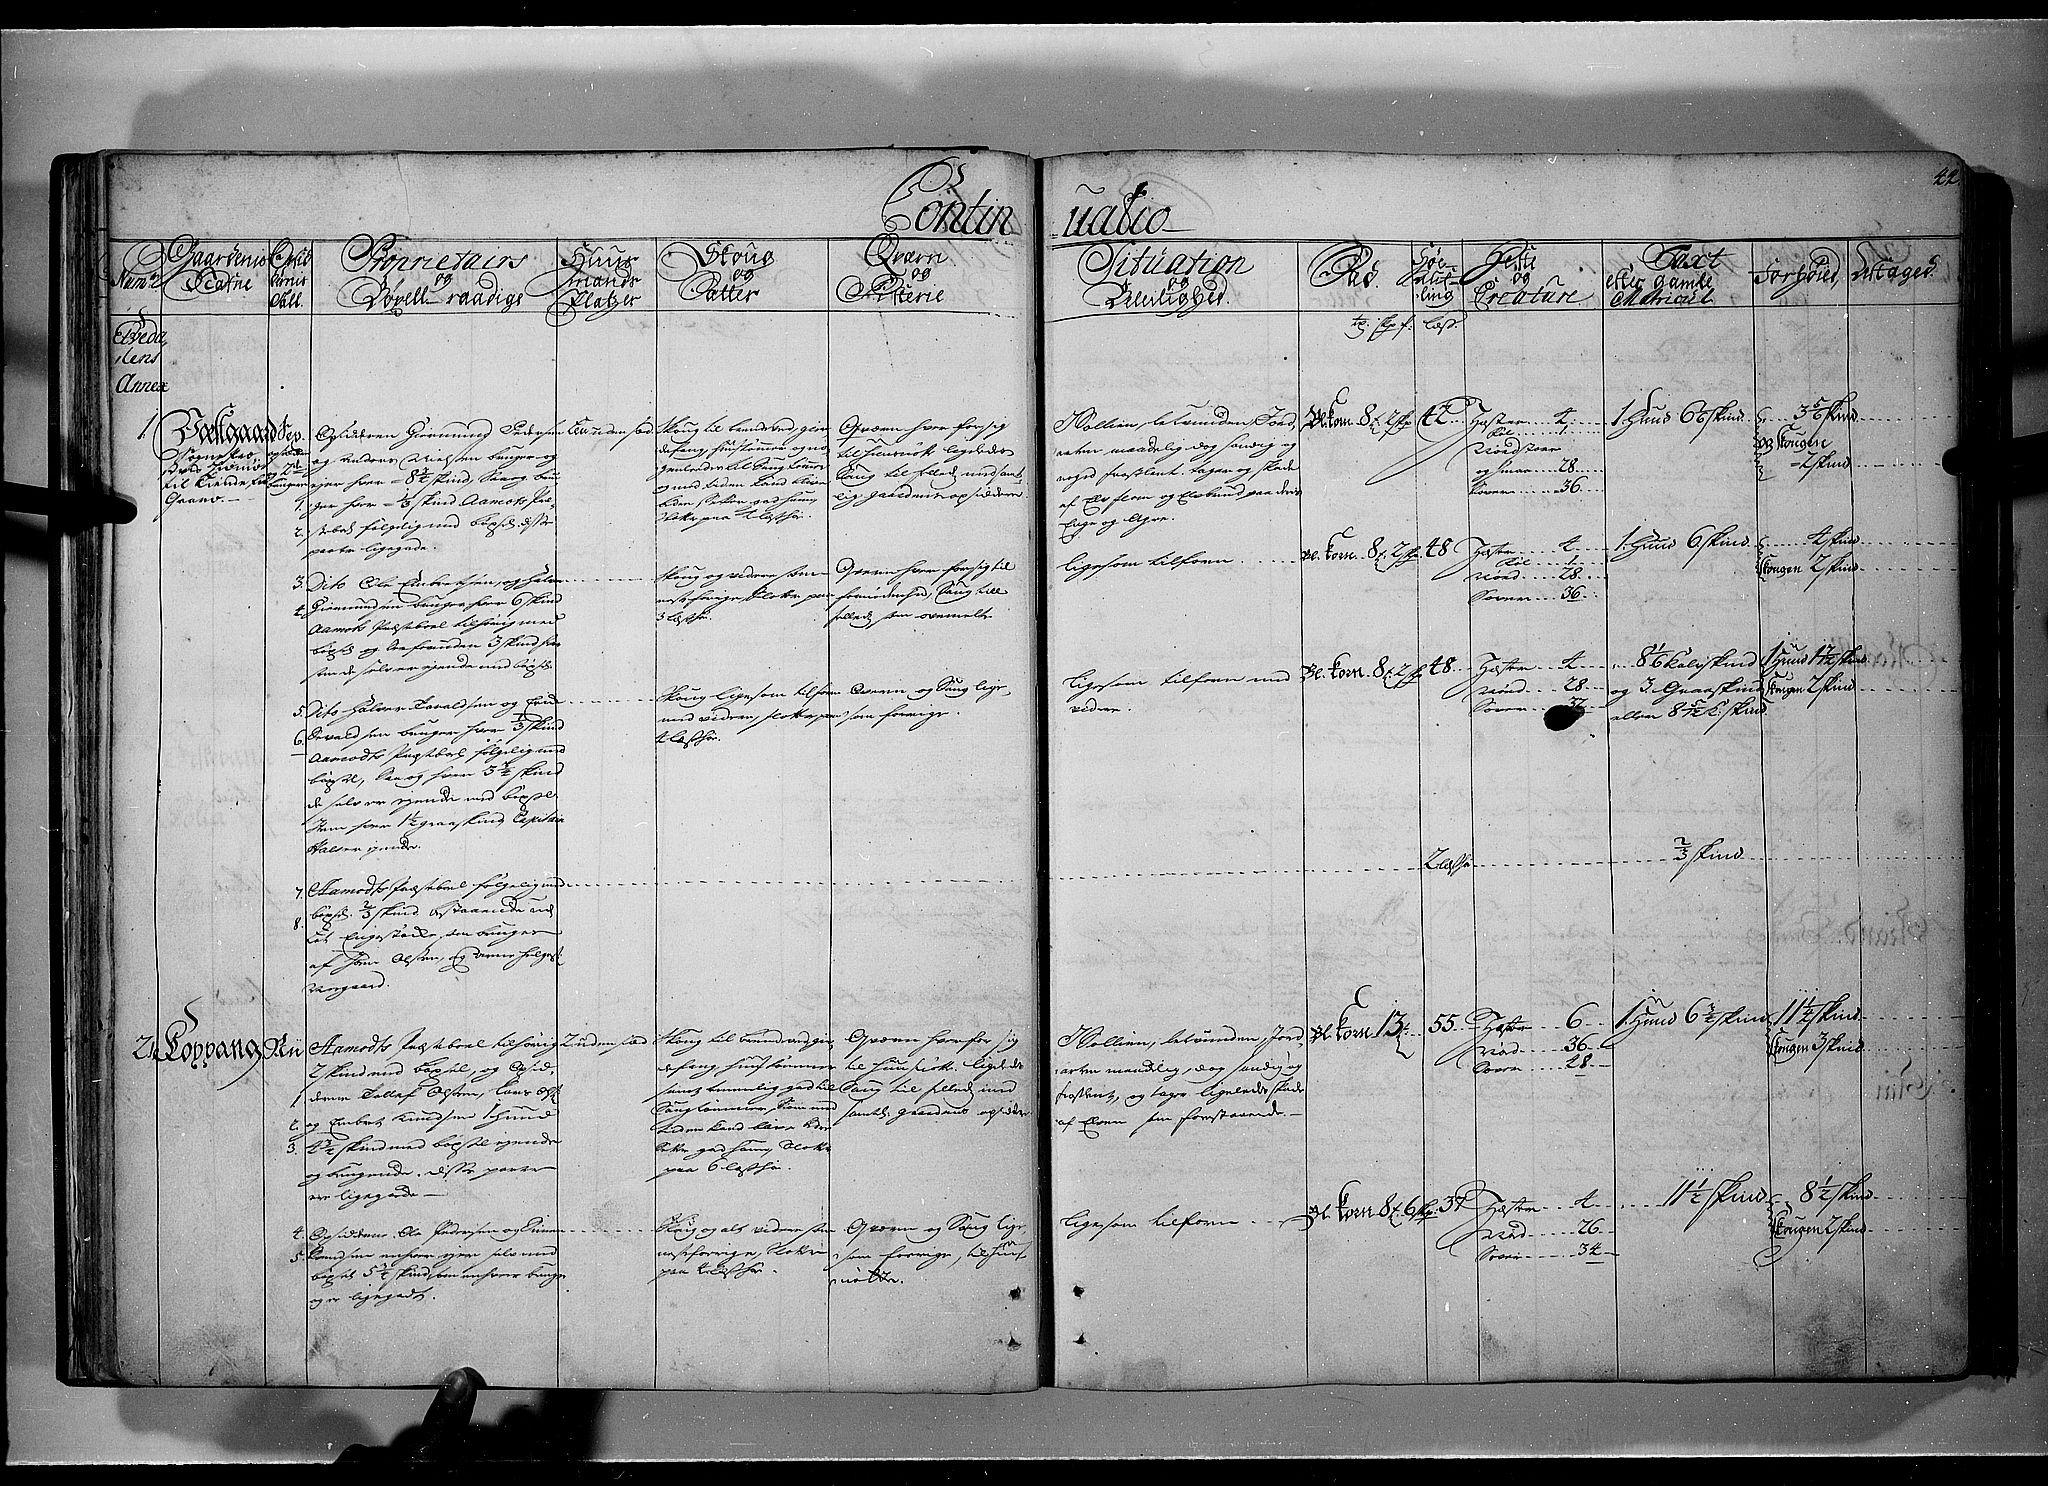 RA, Rentekammeret inntil 1814, Realistisk ordnet avdeling, N/Nb/Nbf/L0101: Solør, Østerdalen og Odal eksaminasjonsprotokoll, 1723, s. 43b-44a